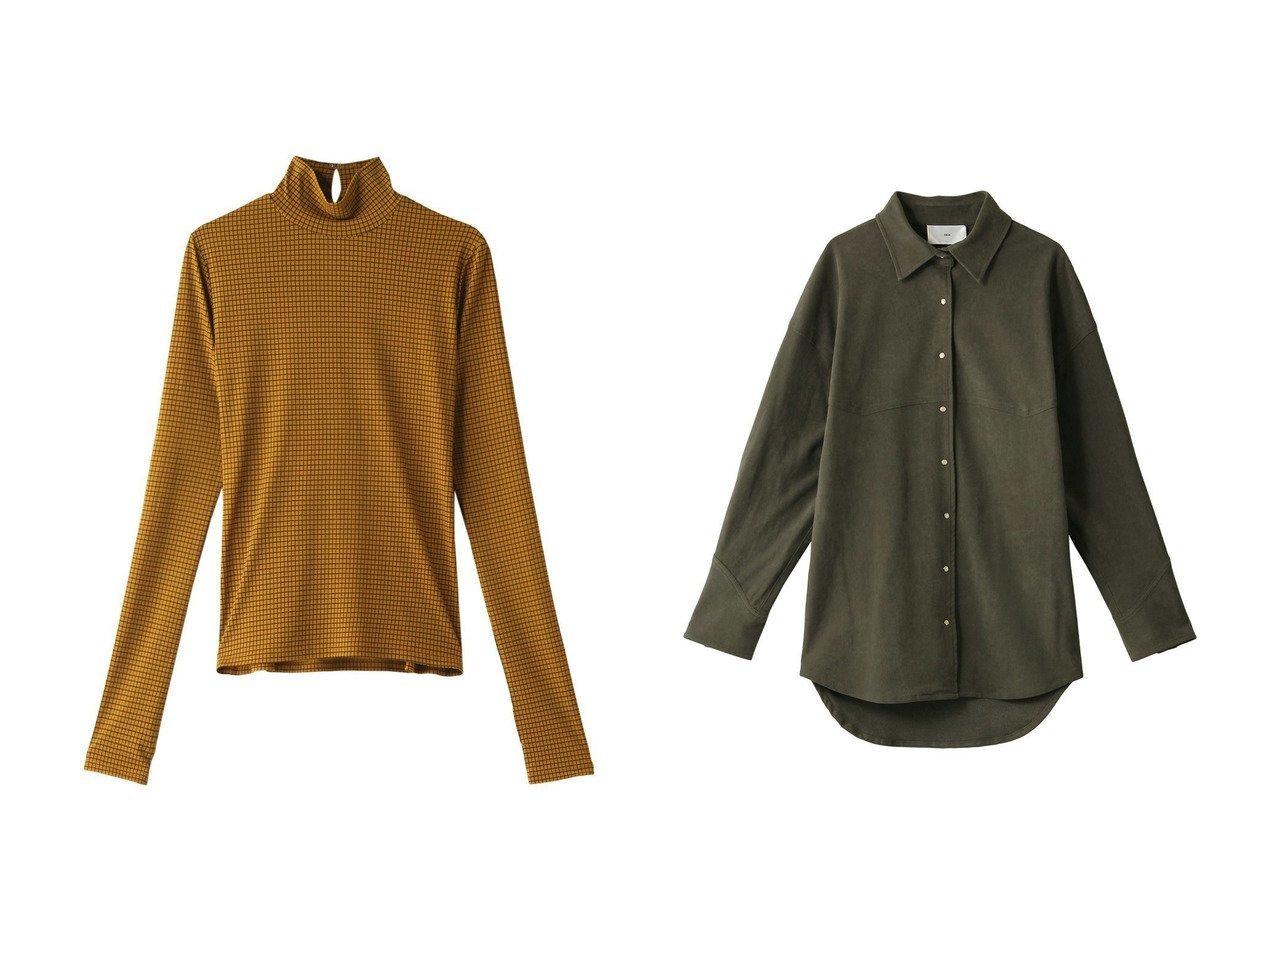 【LE CIEL BLEU/ルシェル ブルー】のチェックジャージタートルネックトップ&【TICCA/ティッカ】の【SMUK】ウエスタンシャツ トップスのおすすめ!人気、レディースファッションの通販  おすすめで人気のファッション通販商品 インテリア・家具・キッズファッション・メンズファッション・レディースファッション・服の通販 founy(ファニー) https://founy.com/ ファッション Fashion レディース WOMEN トップス Tops Tshirt シャツ/ブラウス Shirts Blouses カットソー Cut and Sewn タートルネック Turtleneck スリット スリーブ チェック ハイネック ロング ウエスタン ベーシック ボトム 今季 羽織 |ID:crp329100000000151